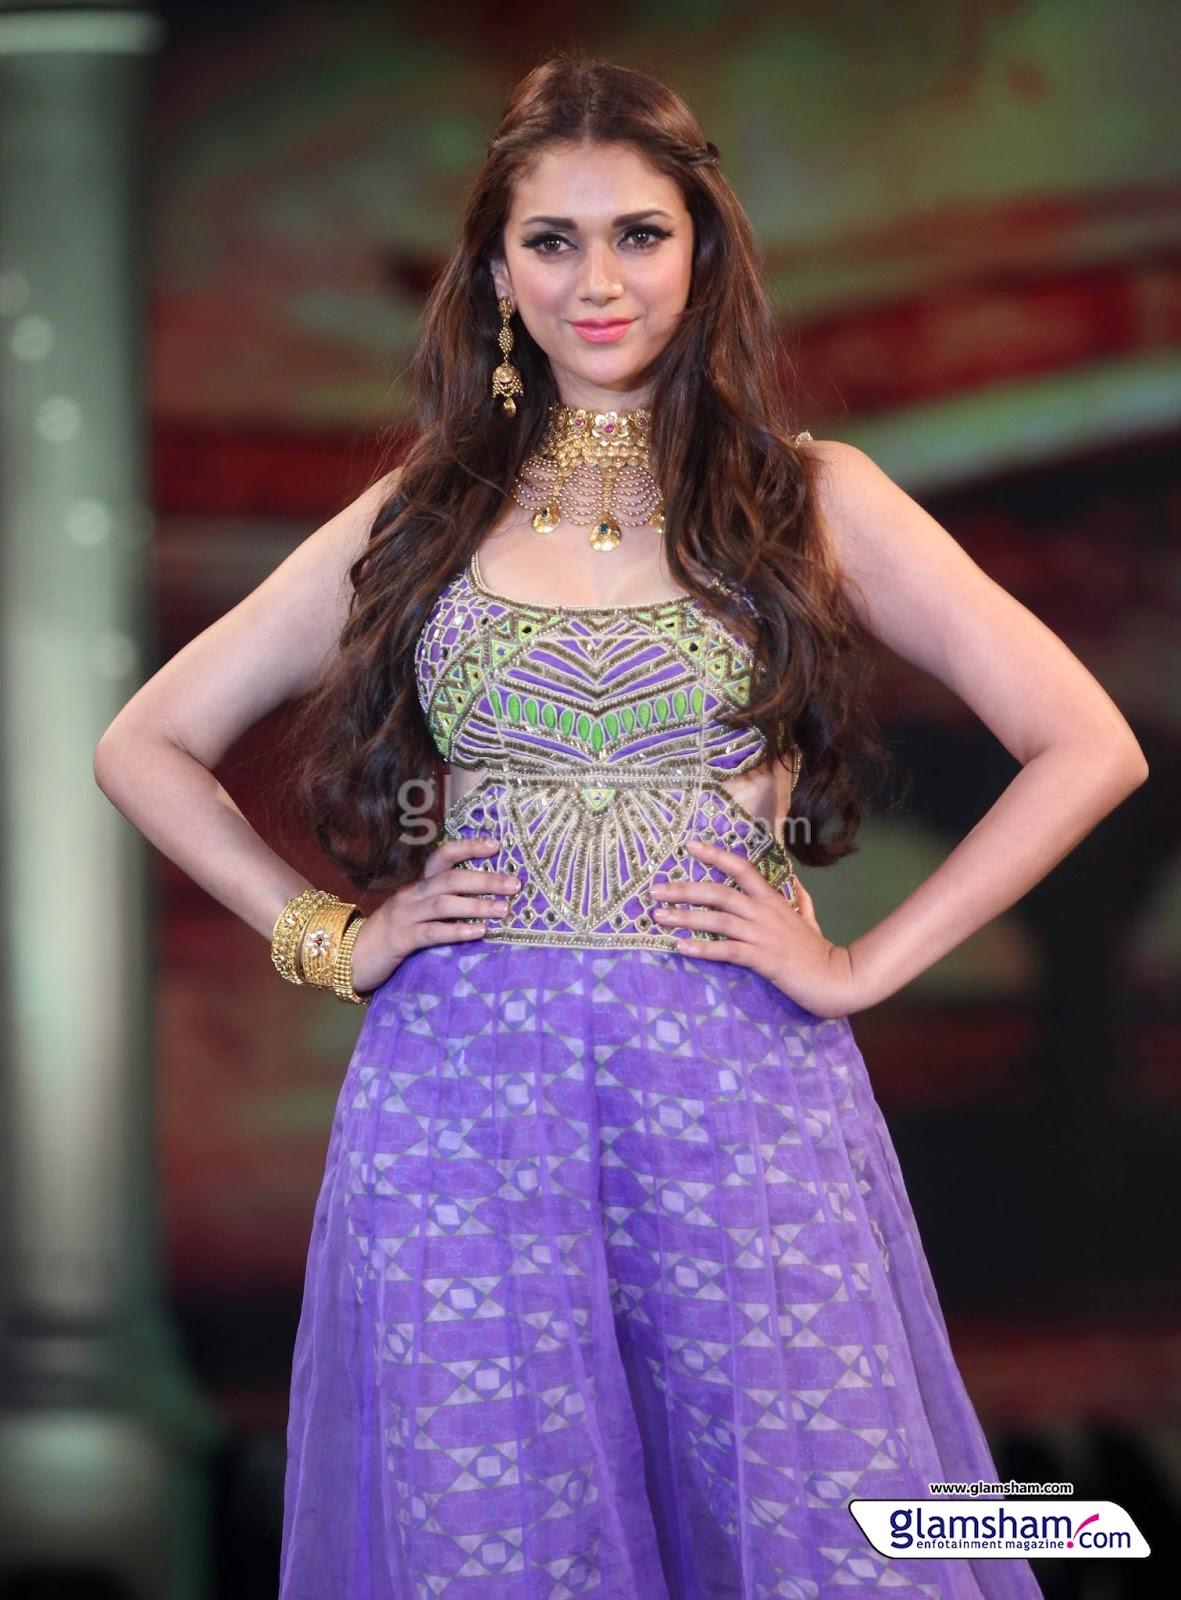 beautiful actress aditi rao hydari latest full hd wallpapers images